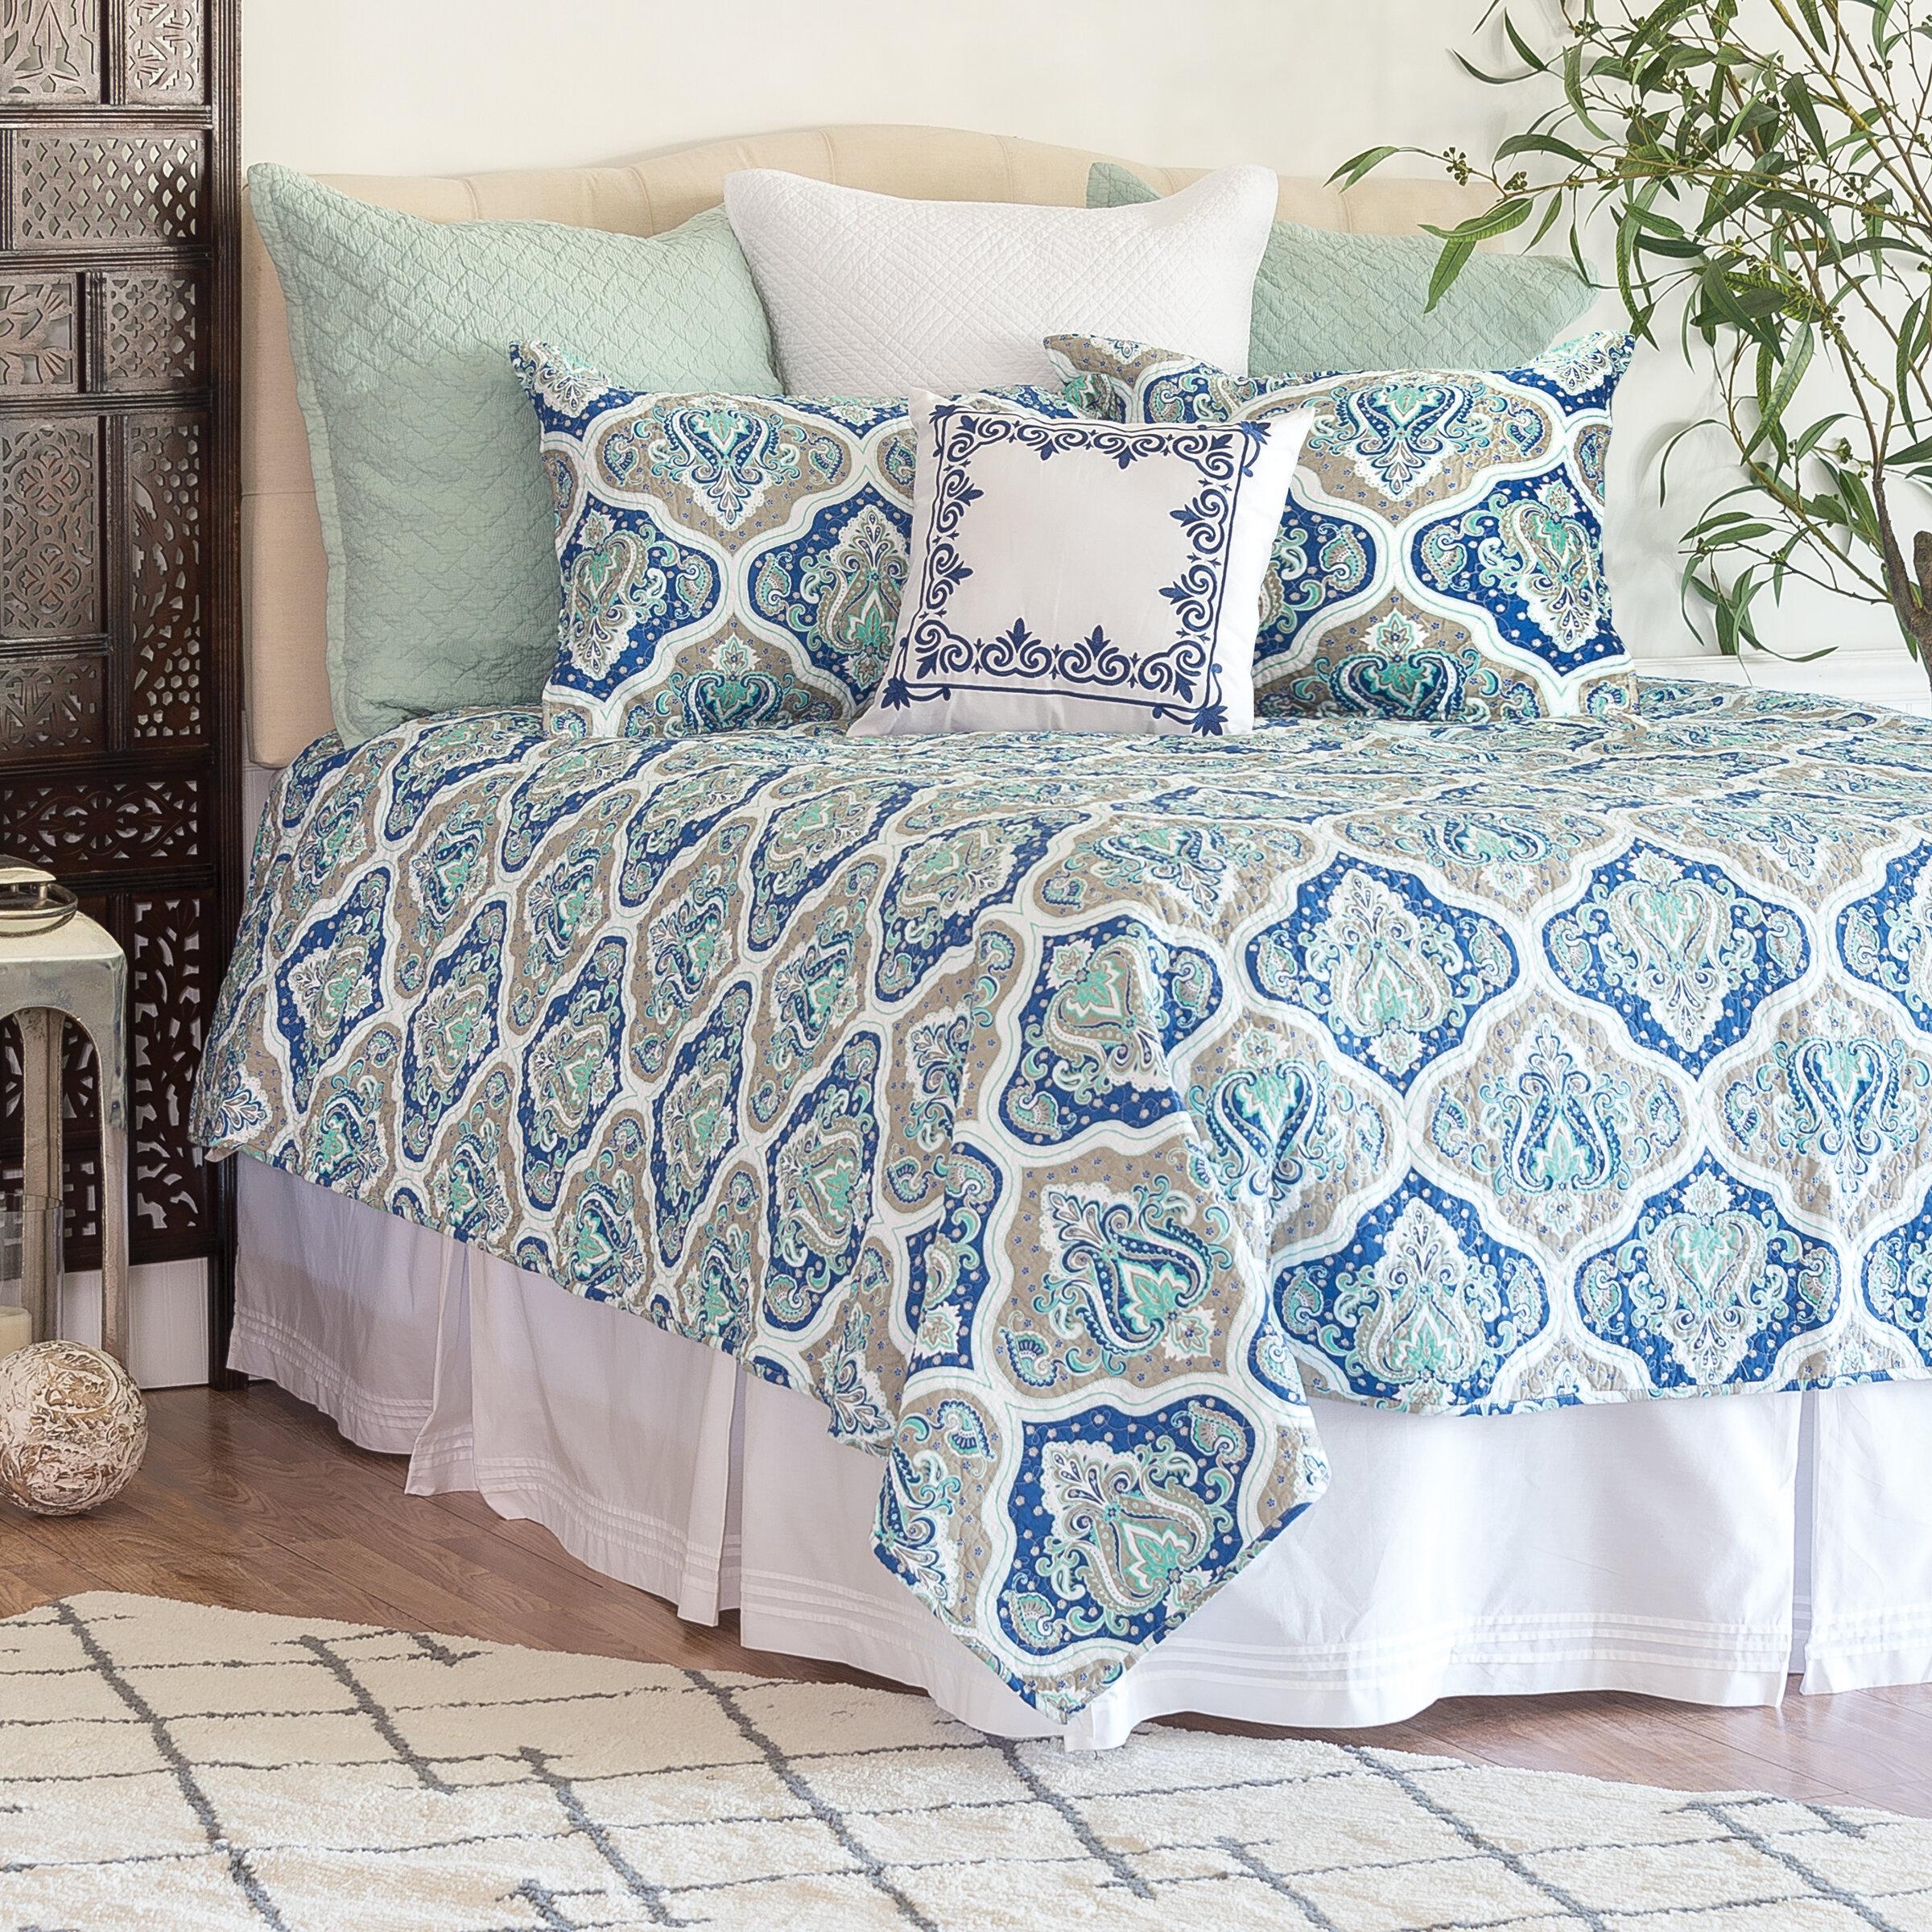 Charlton Home Milia Cotton 3 Piece Reversible Quilt Set Wayfair